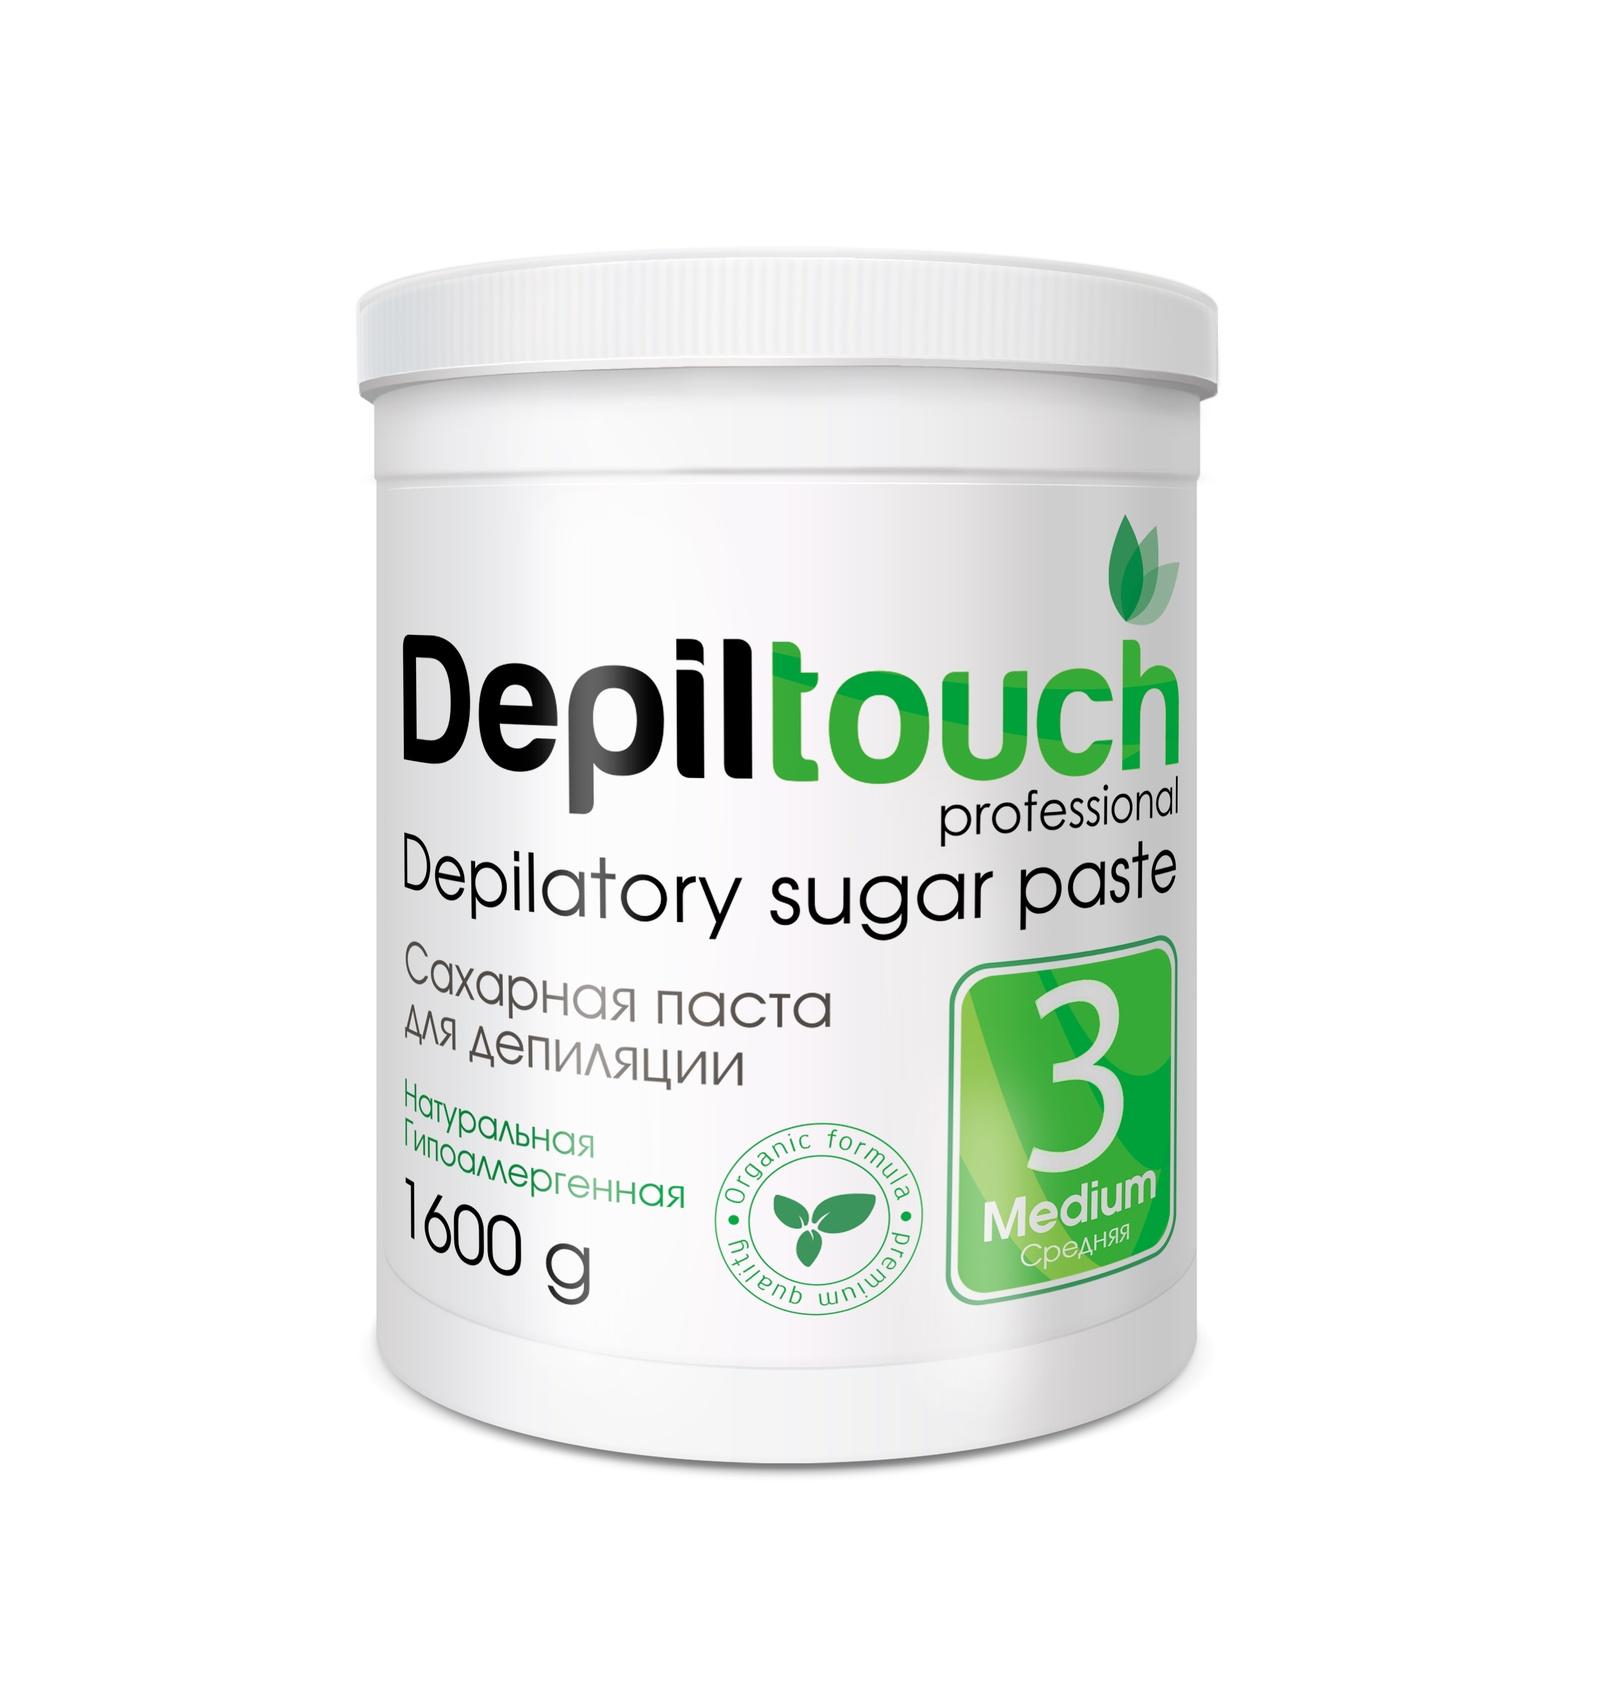 Depiltouch 87715 Сахарная паста для депиляции 3 СРЕДНЯЯ Depiltouch professional 1600г для депиляции